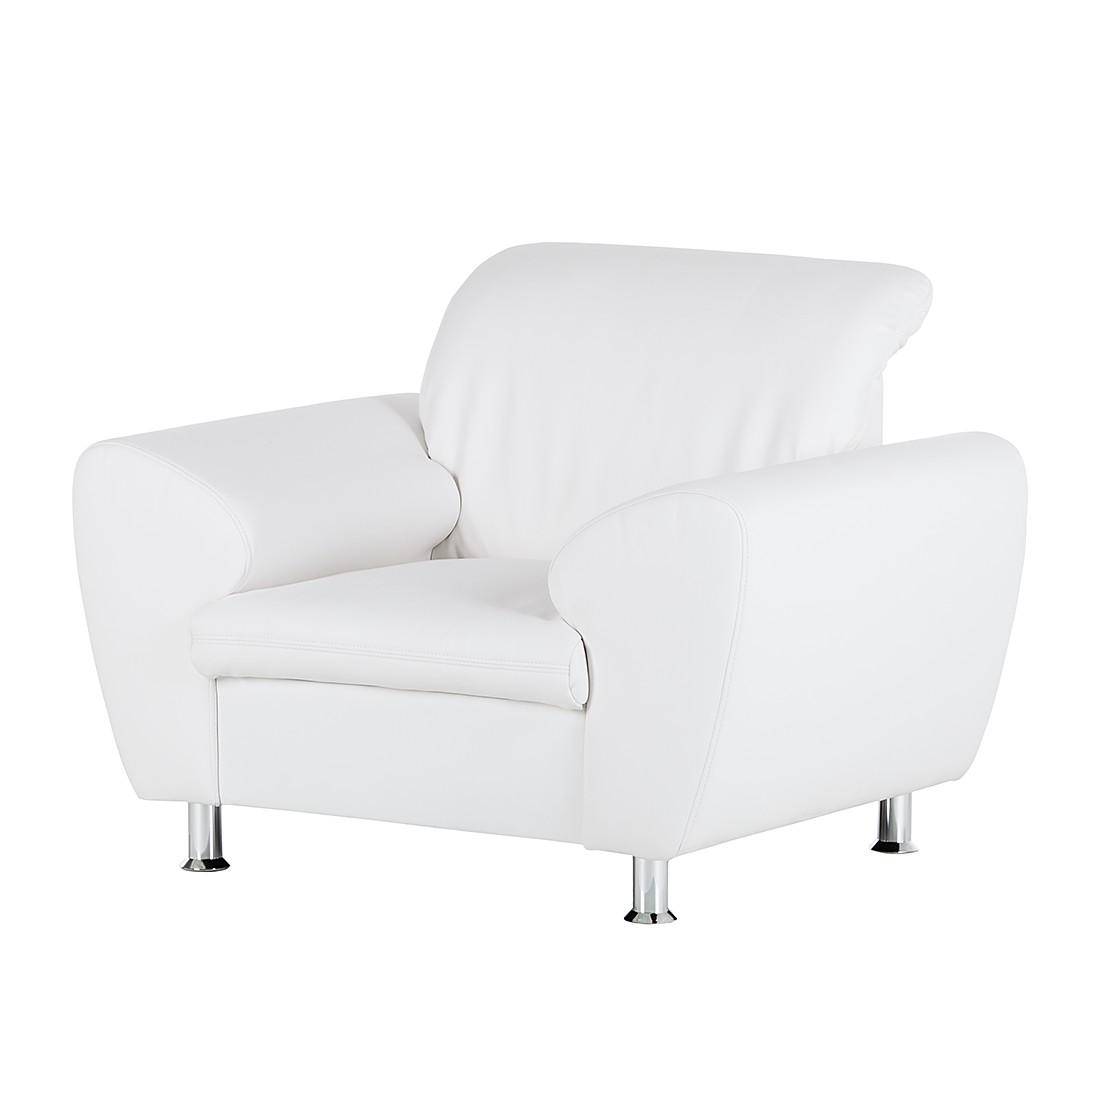 Fauteuil Aras - Cuir synthétique - Blanc, loftscape